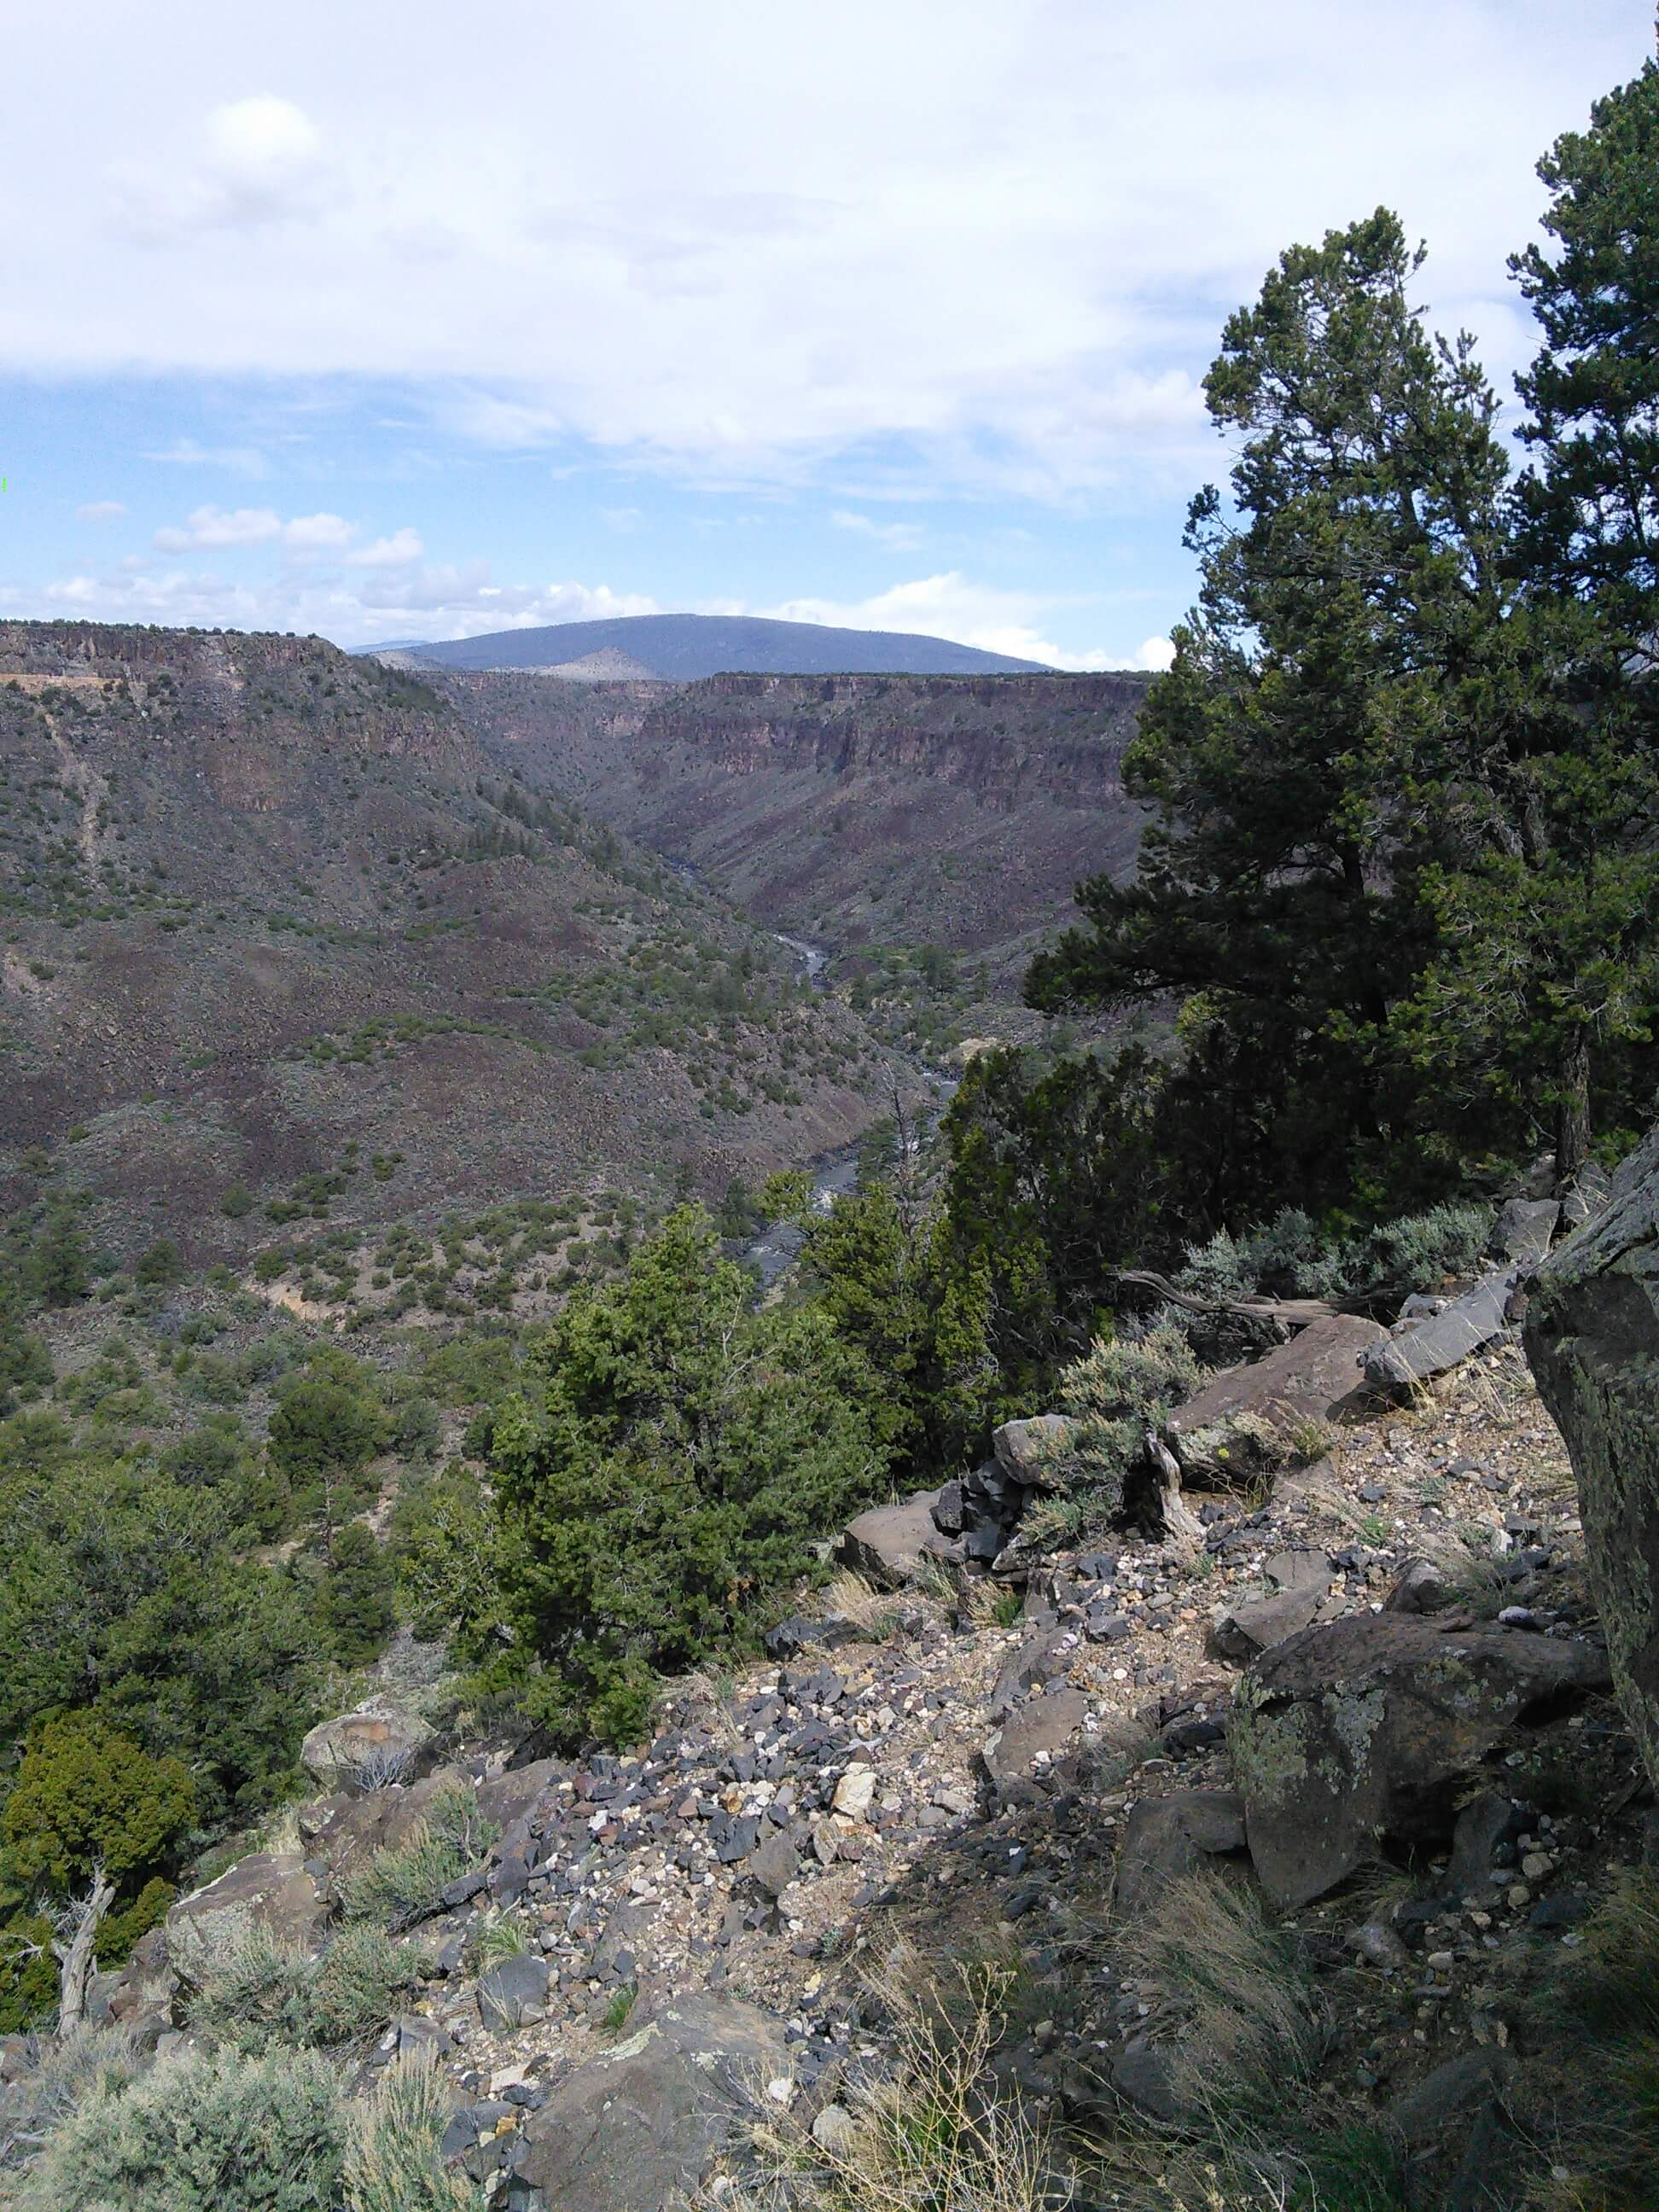 Rio Grande Gorge, NM